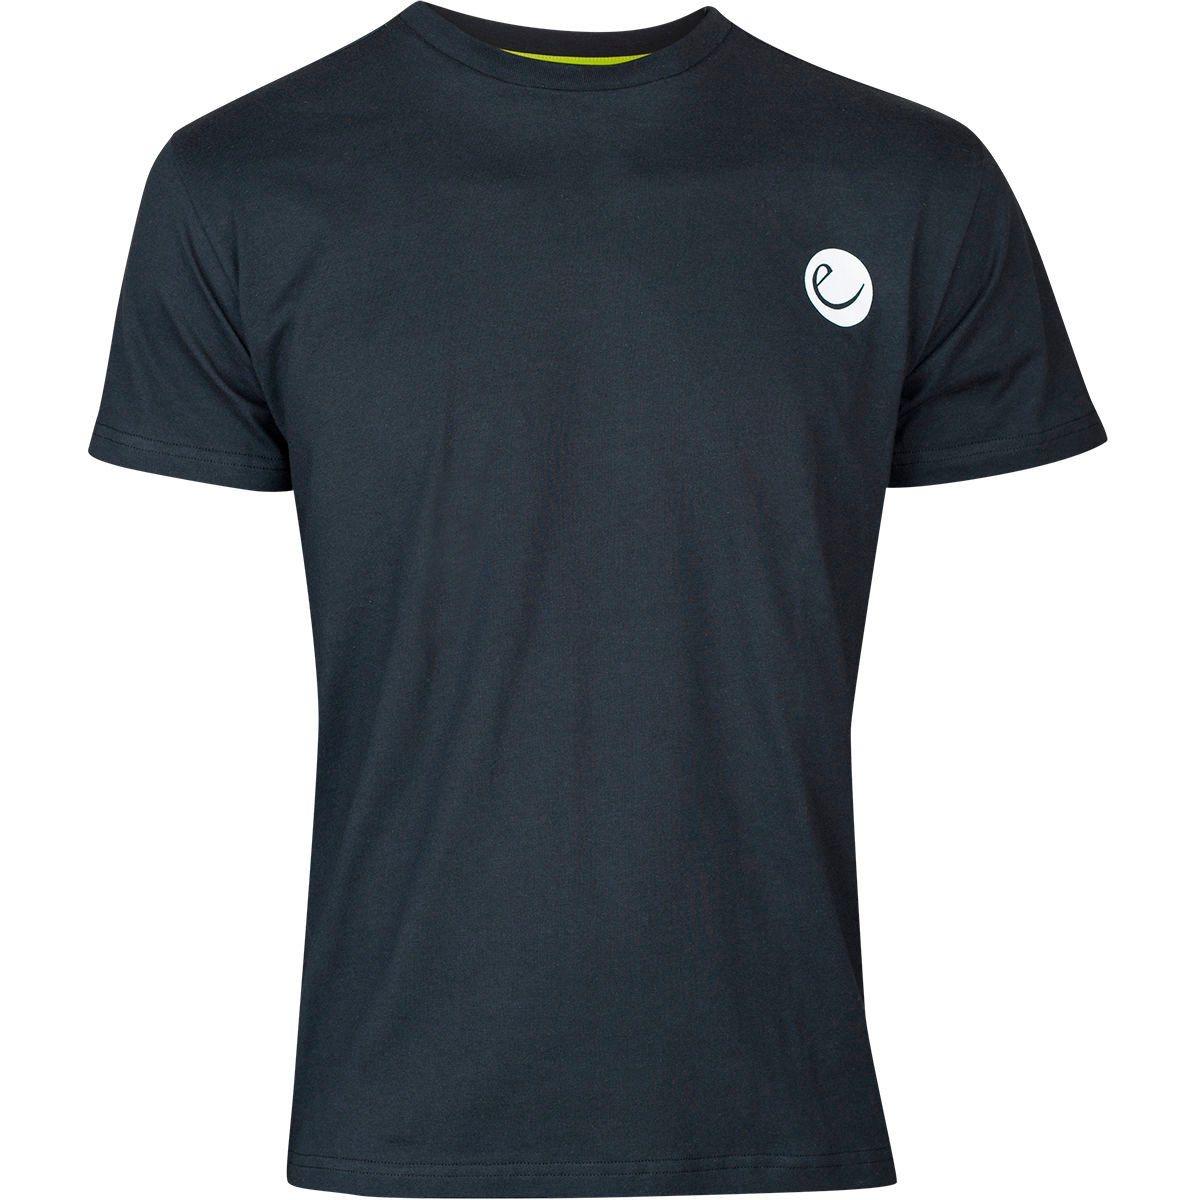 Signature II - T-shirt manches courtes Homme - noir